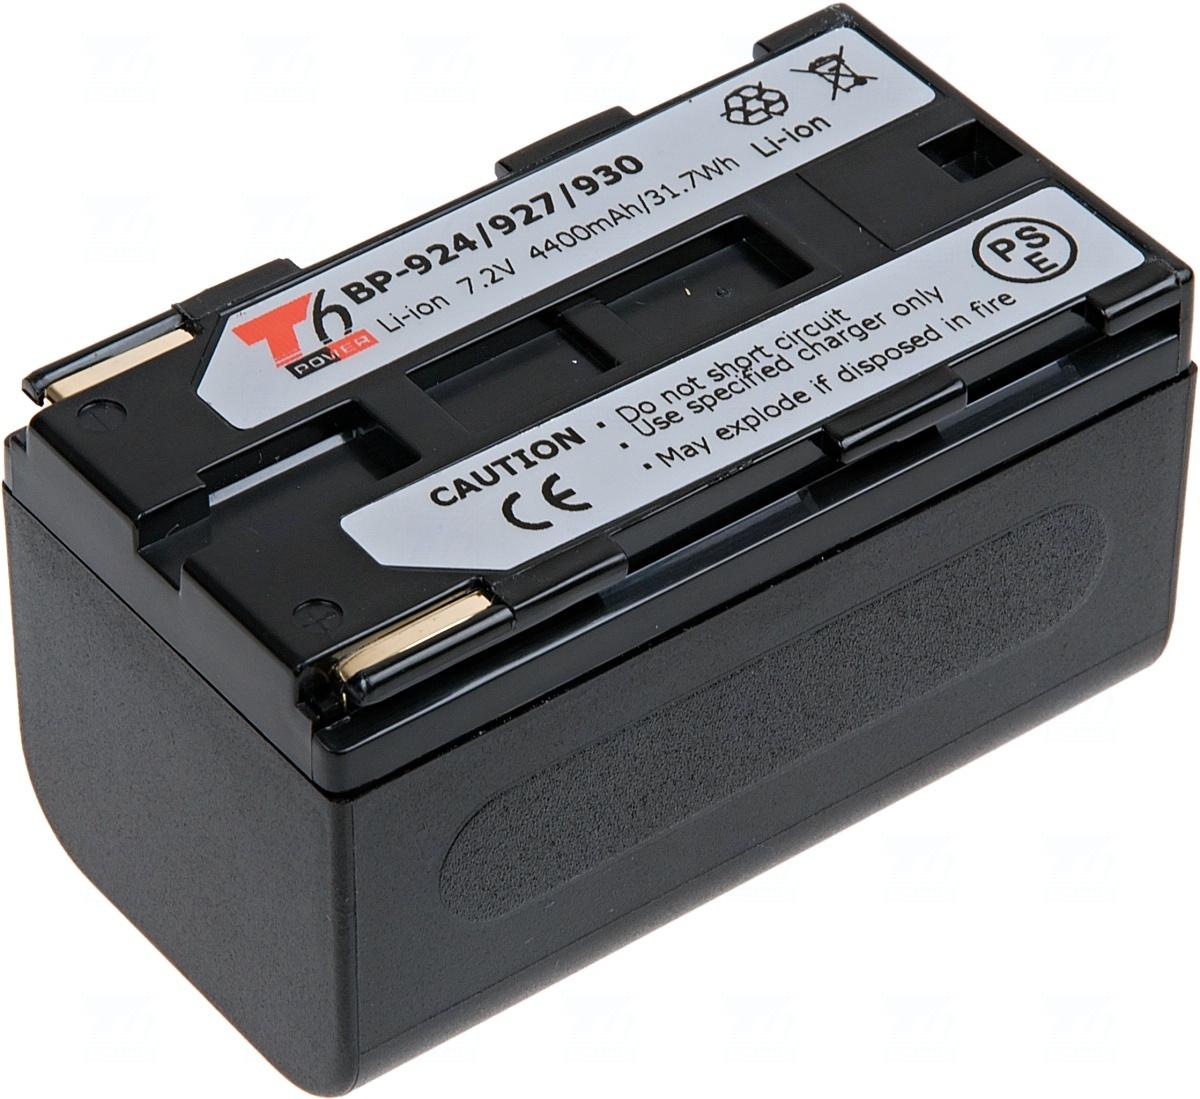 Baterie T6 power BP-924, BP-911, BP-911K, BP-914, BP-915, BP-925, BP-927, BP-930, BP-930E, BP-930R, BP-941, černá